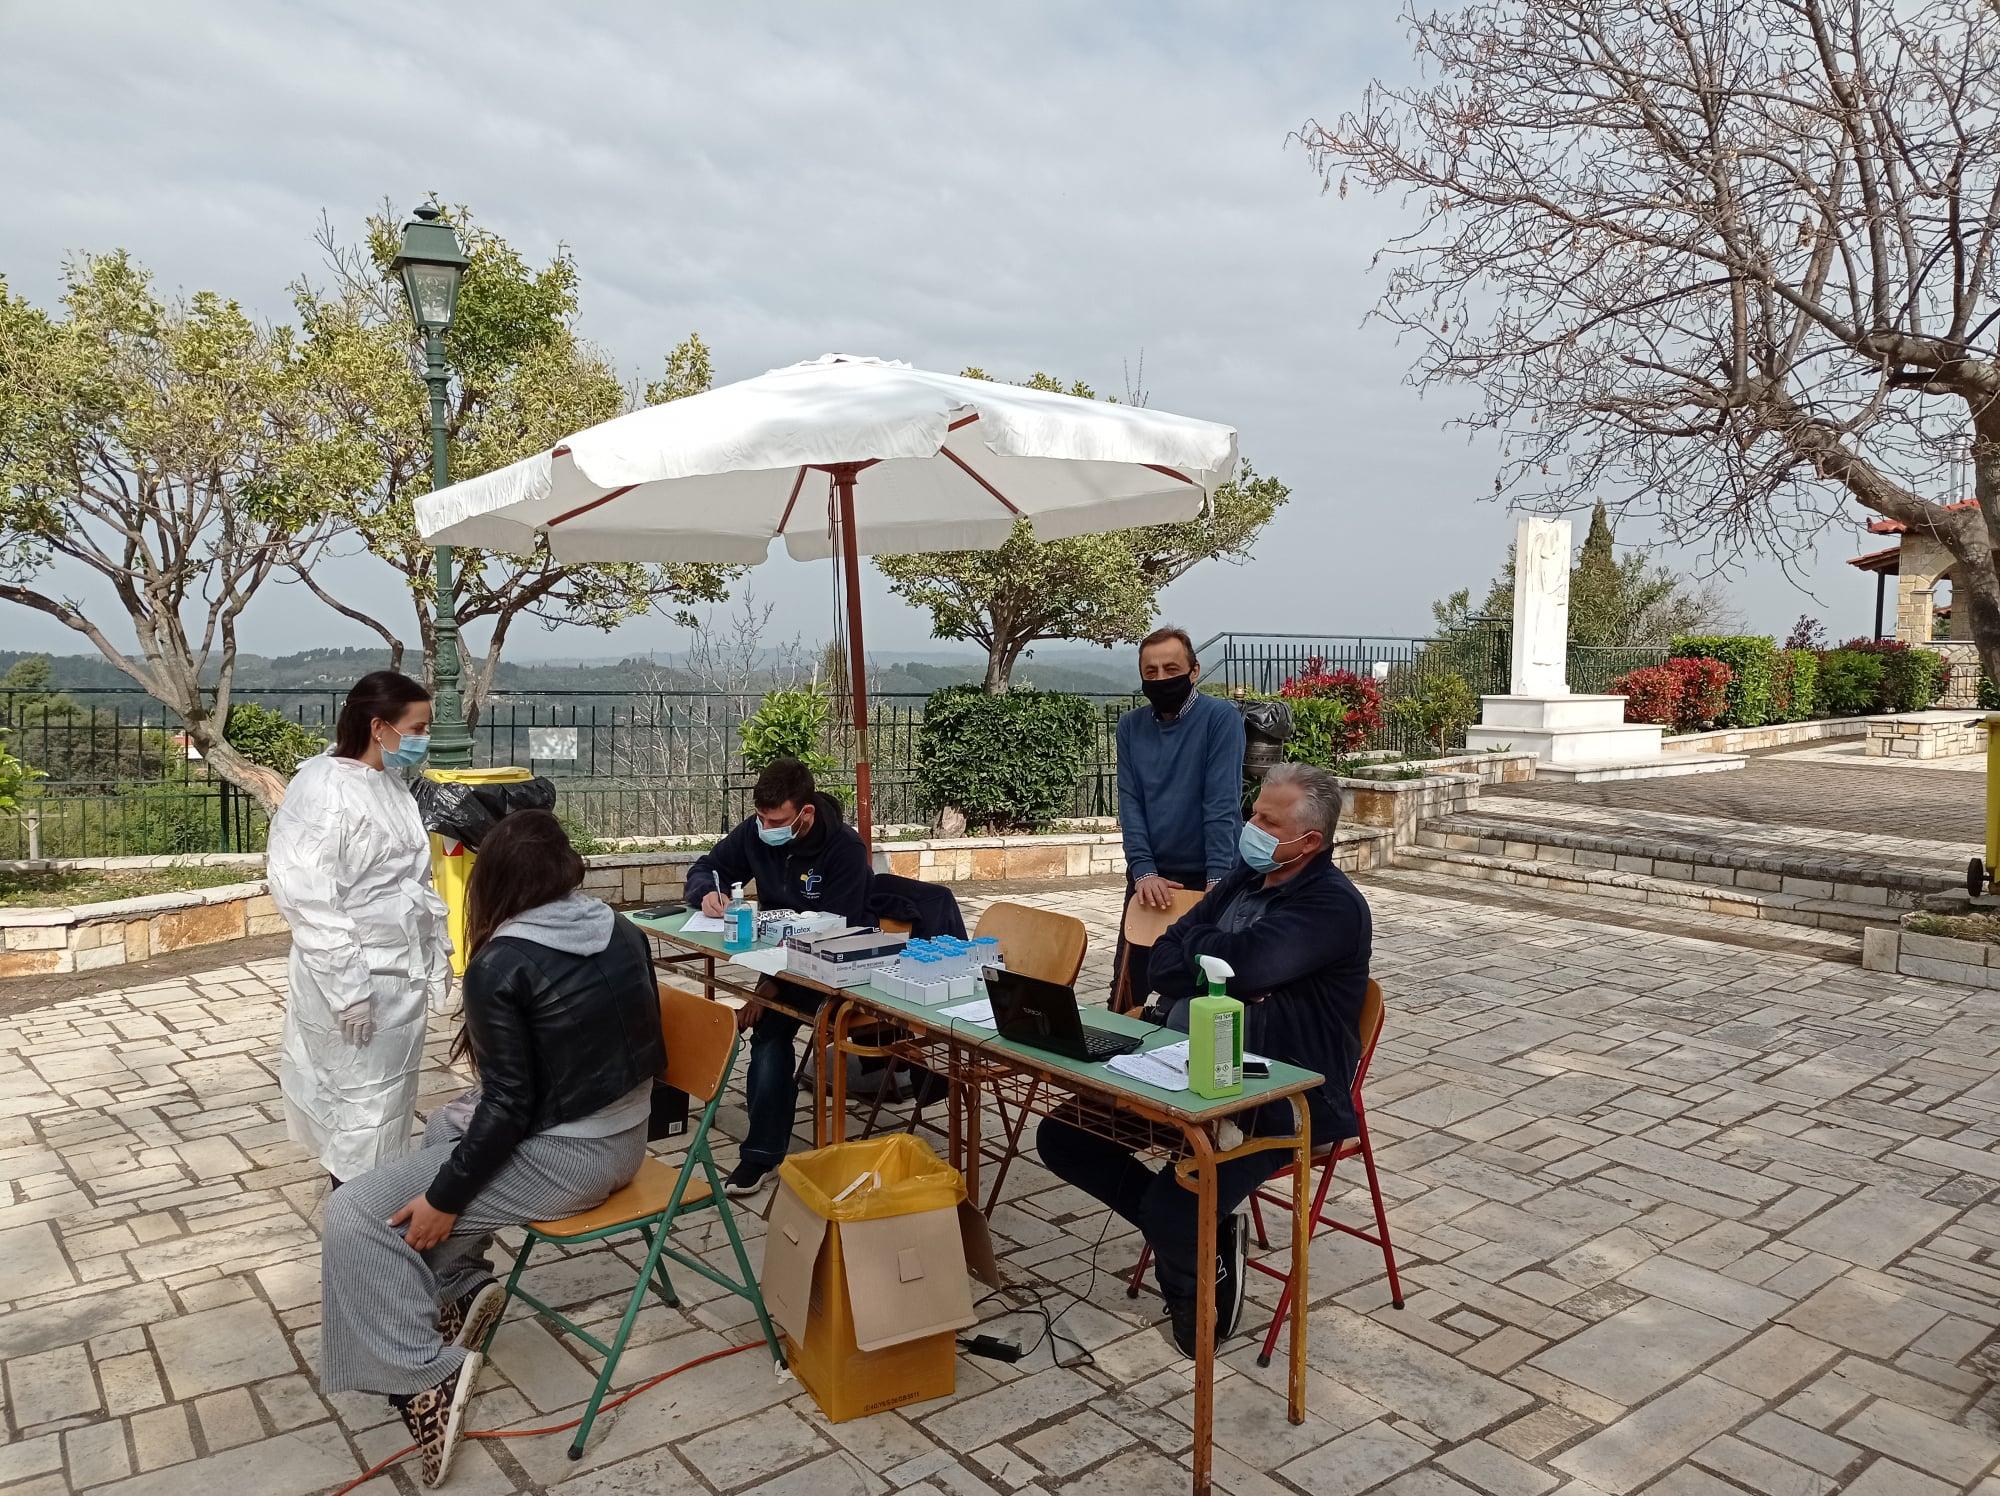 Δήμος Ανδρίτσαινας-Κρεστένων: «Καθαρή» από κορωνοϊό και η περιοχή της Βρίνας- Αρνητικά και τα 125 rapid test (photos)